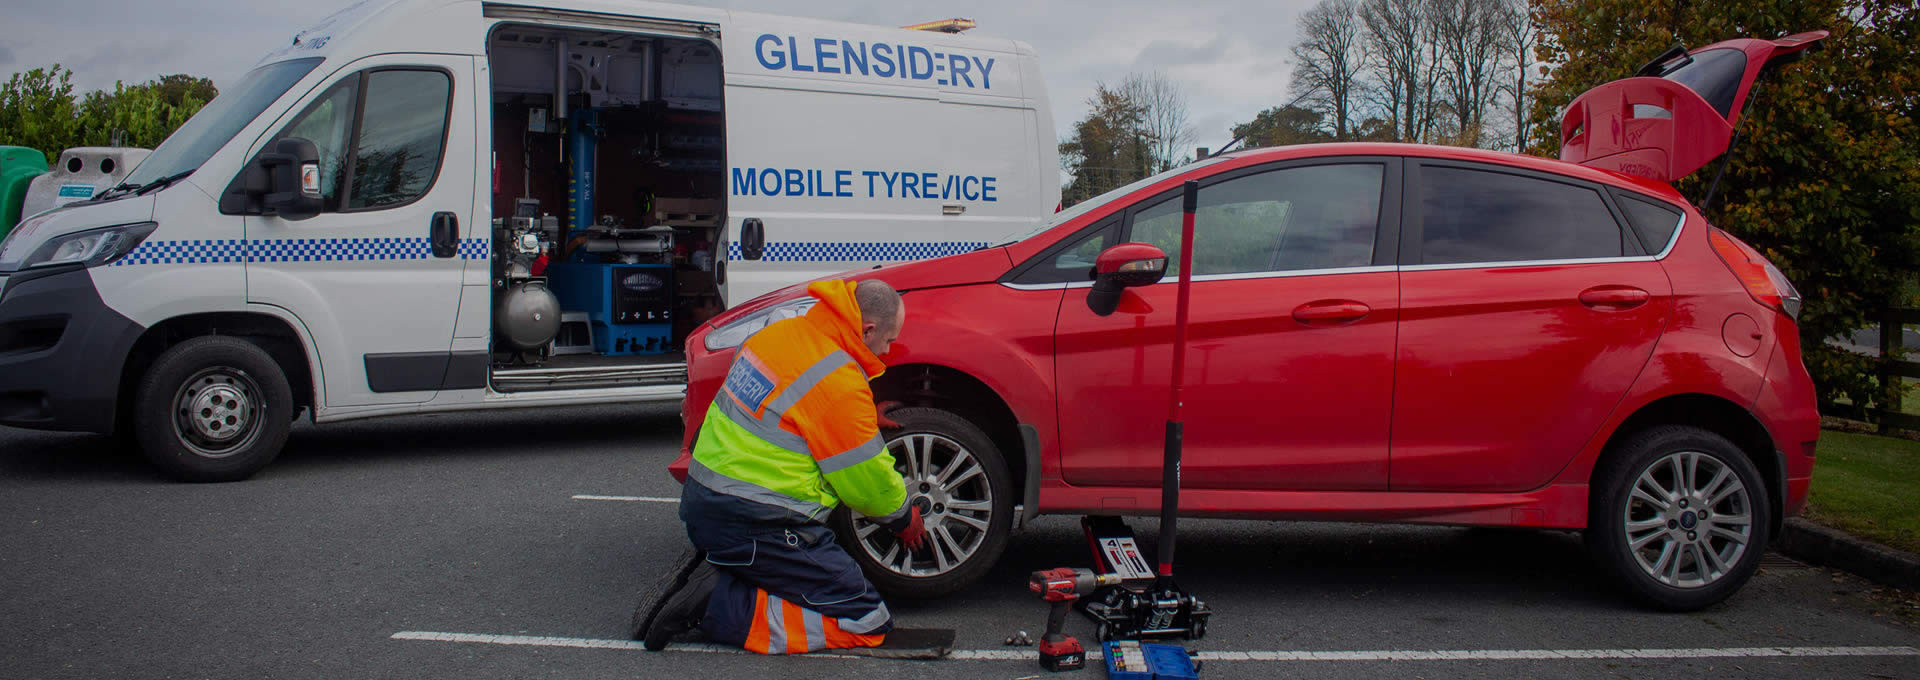 Tyre Service Slider